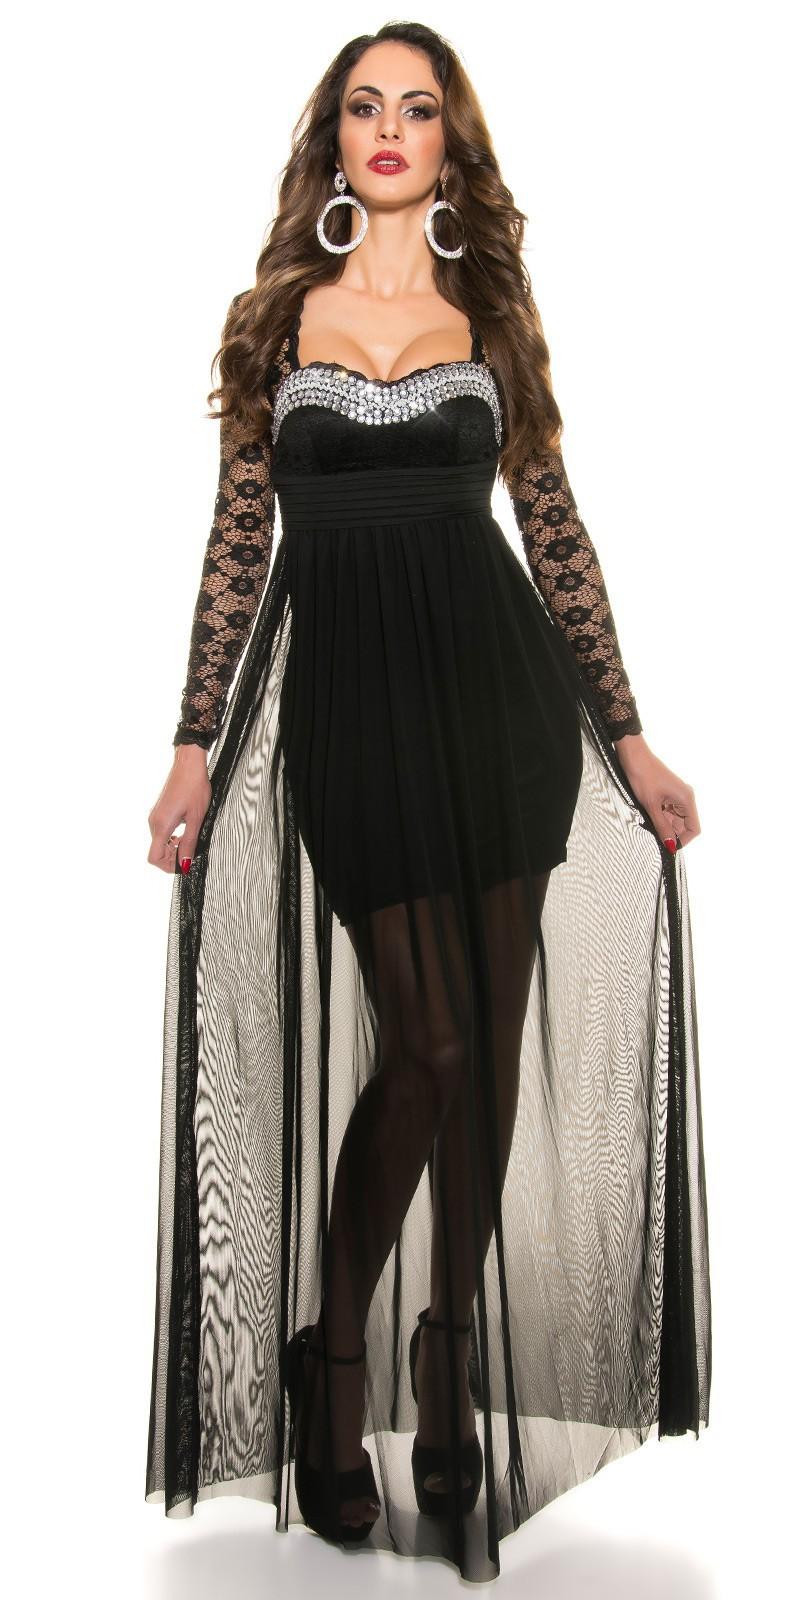 a82eefbc3e64 Plesové dámske šaty s čipkovanými rukávmi - NajlepsiaModa.sk